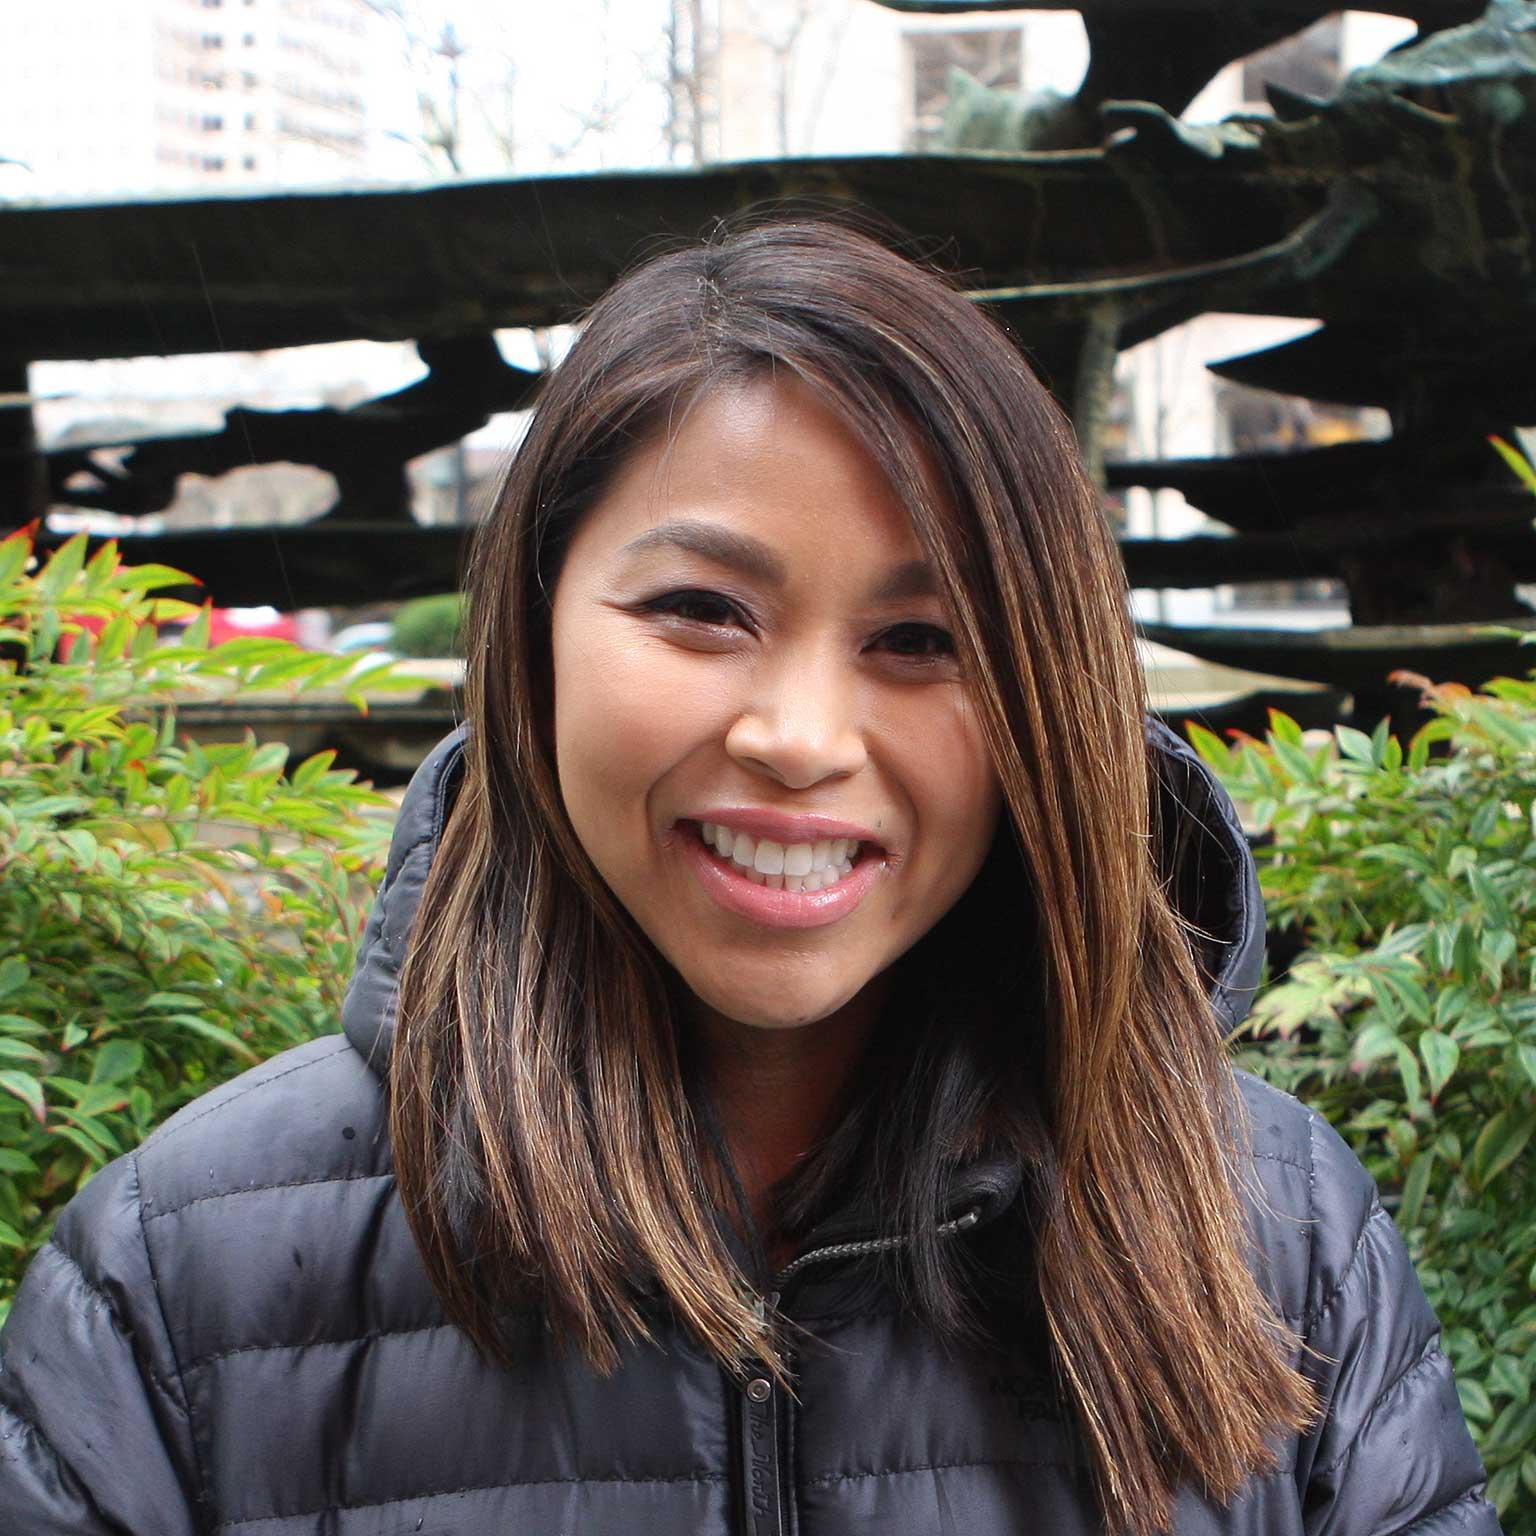 Anna Onewein hygienist smiling